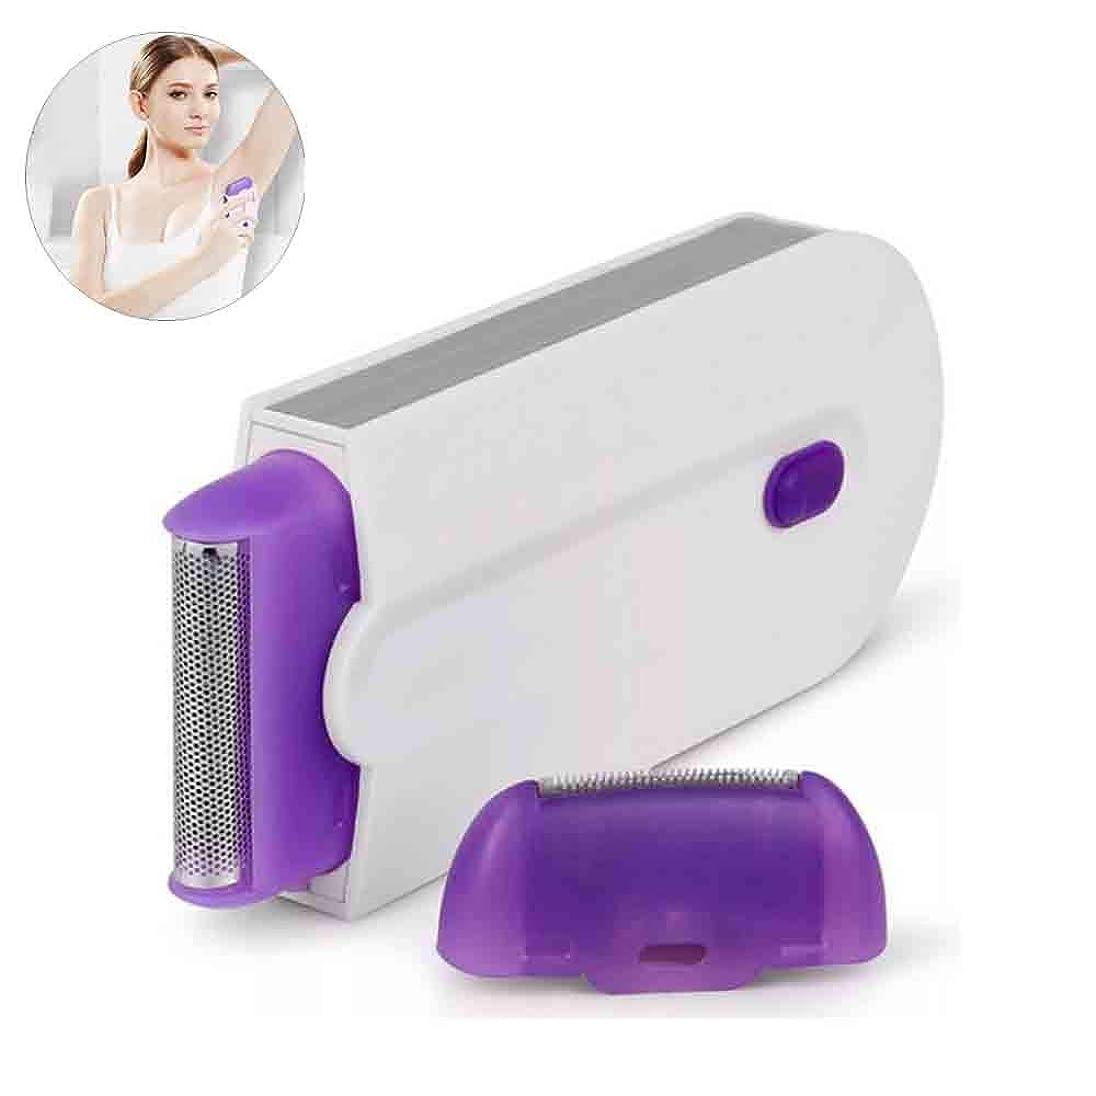 破壊的な気付く暴君電気シェーバー、USB 充電誘導の女性の摘採装置、レーザー脱毛